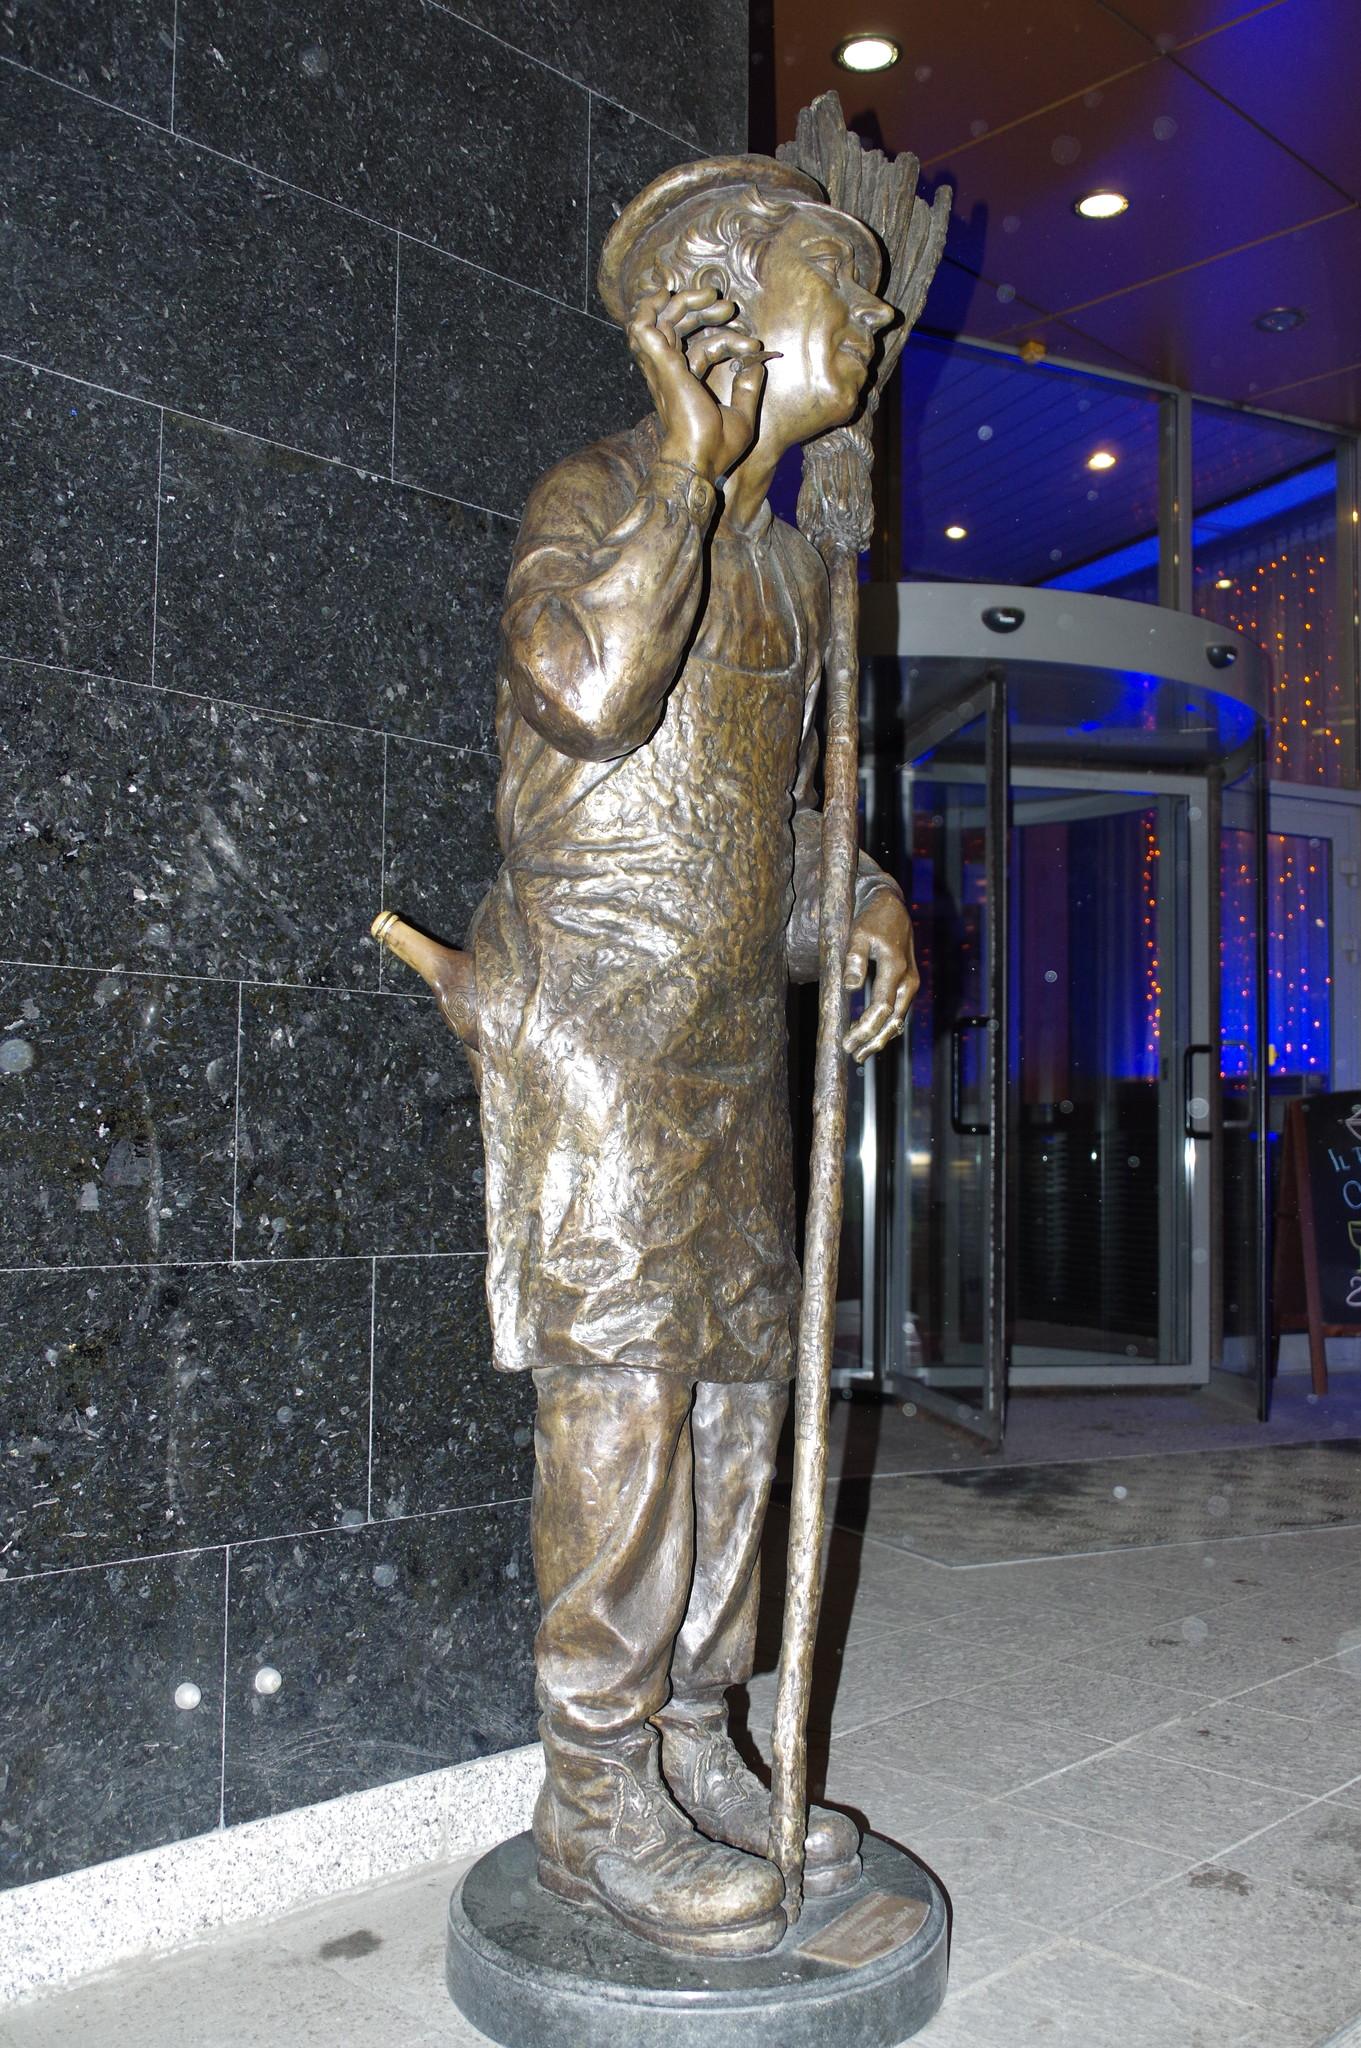 Юрий Никулин в роли дворника Тихона из фильма Леонида Гайдая «Двенадцать стульев» около входа в гостиницу «Юность»